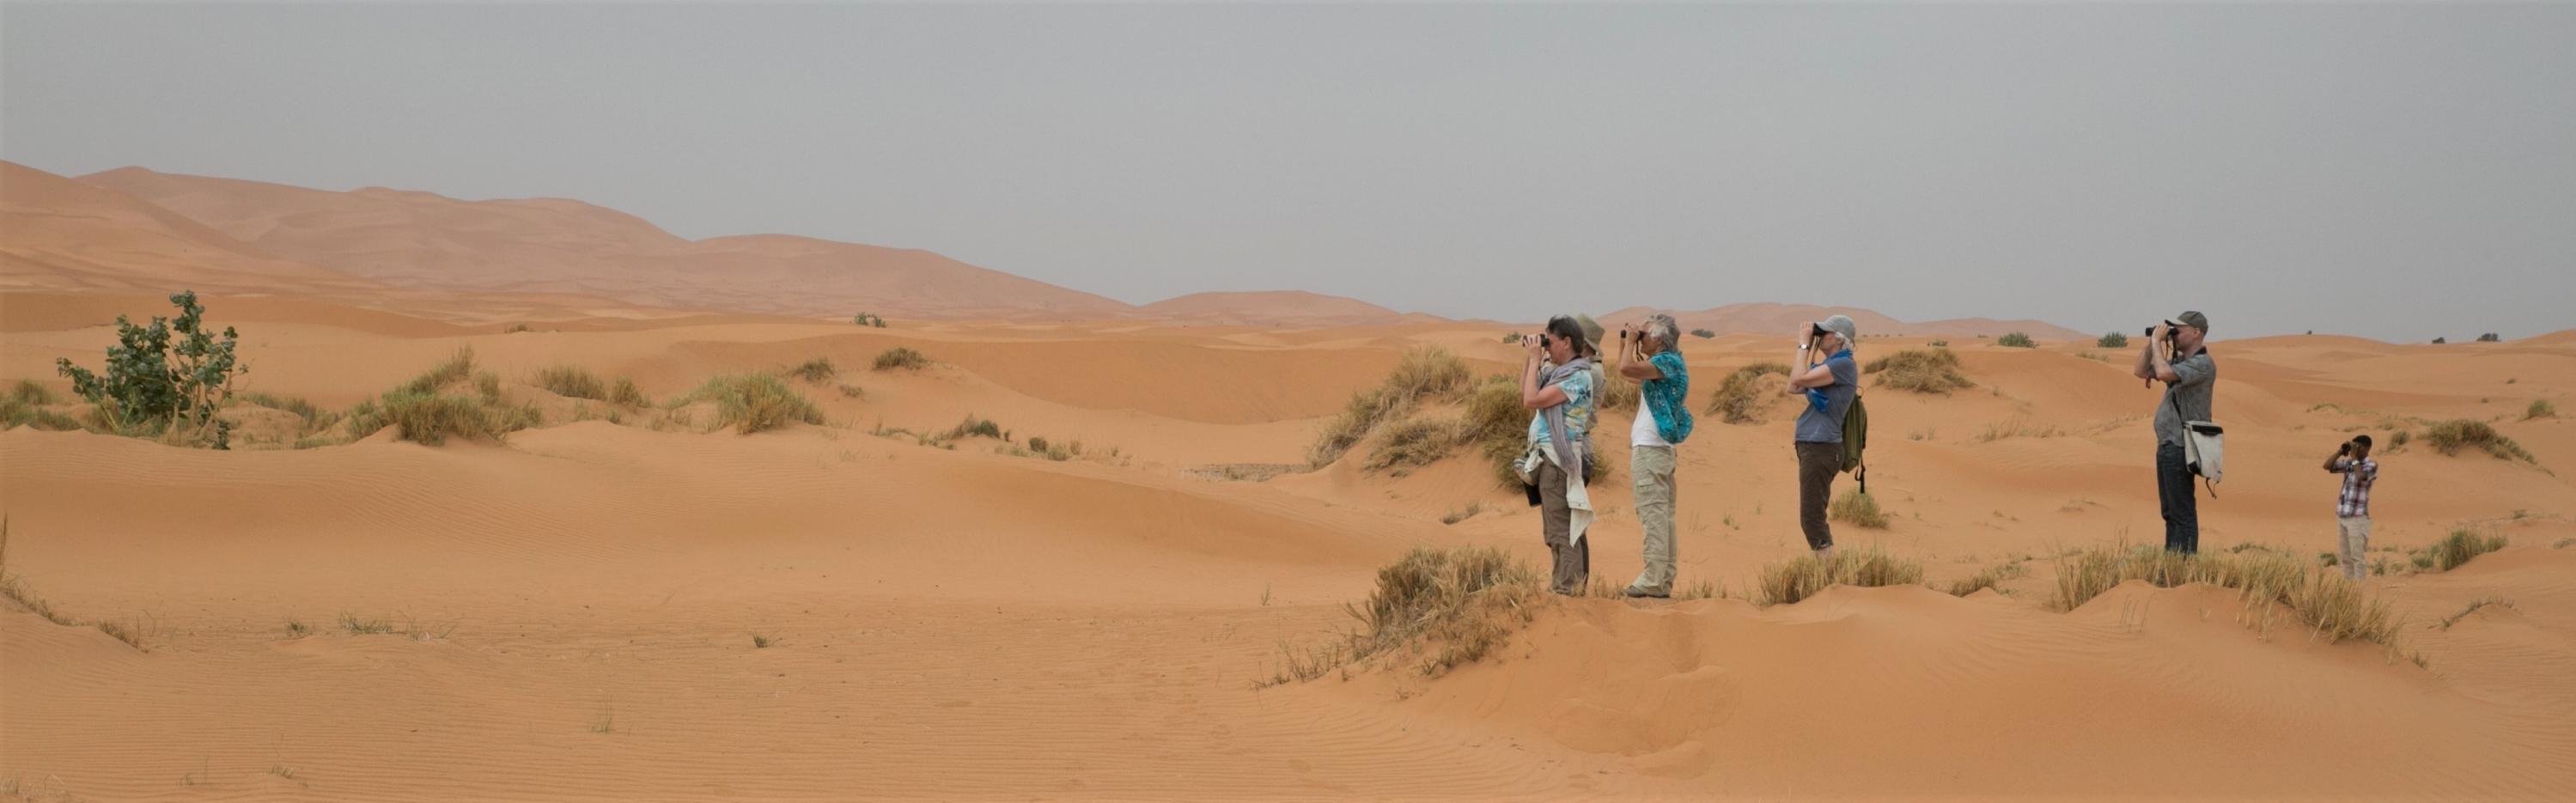 Vogelaars in de woestijn - Marokko